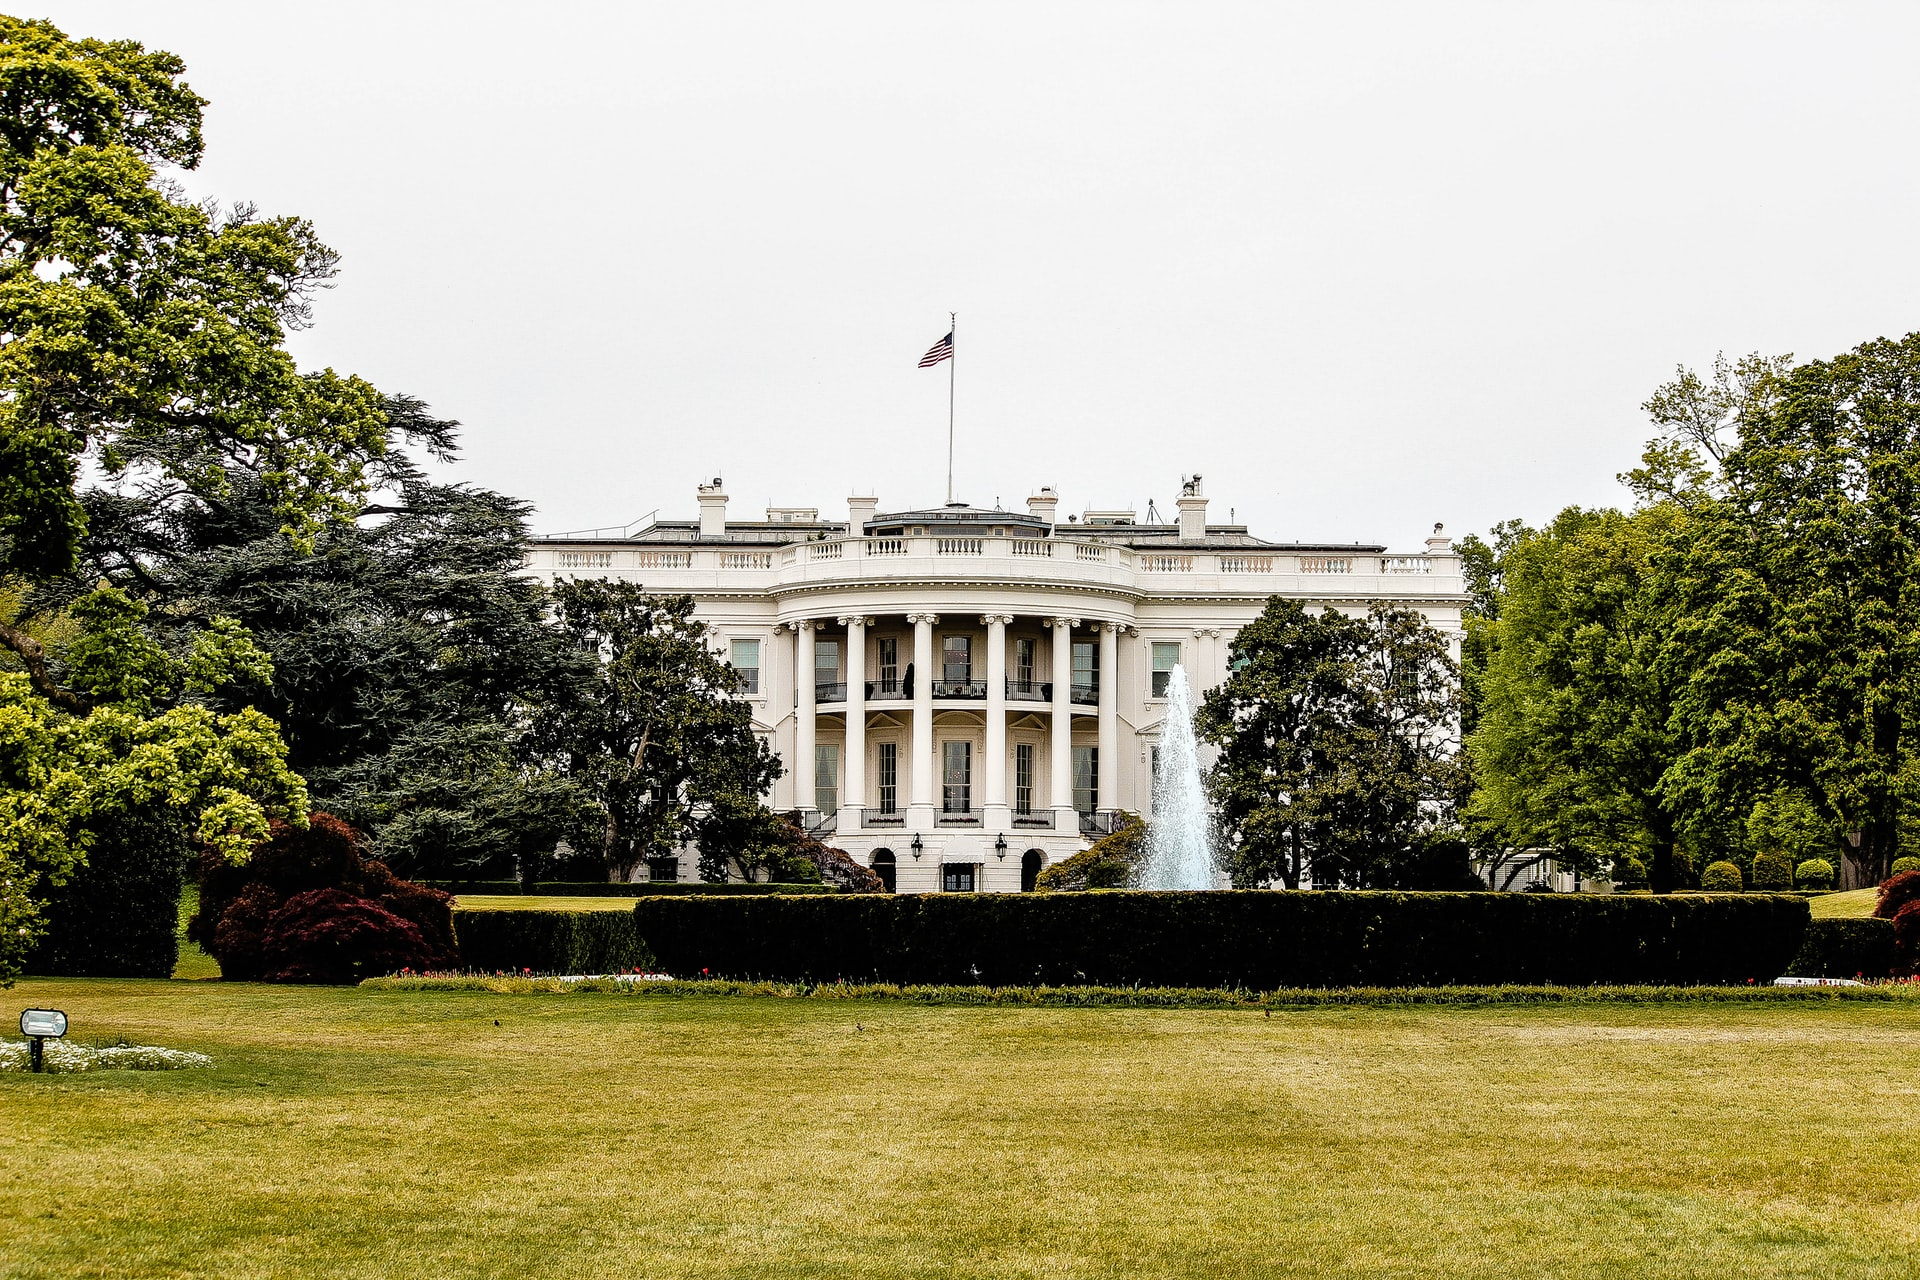 米国金利とインフレ動向。バイデン大統領予算案とイエレン財務長官発言から読み解く【5/28 週末、先読みマーケット】